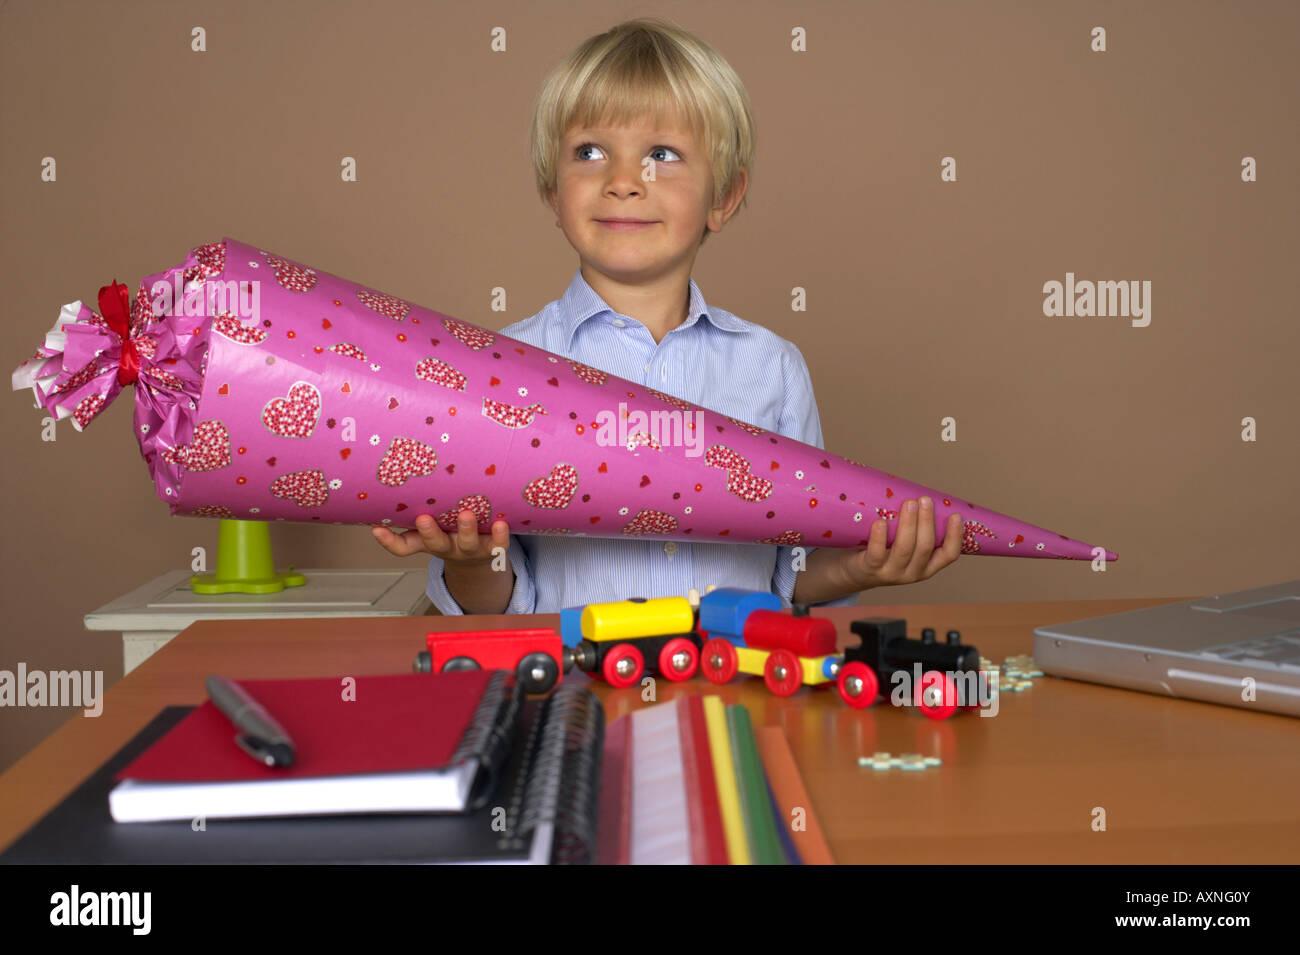 Ragazzo (4-5 anni) tenendo un cono decorativo Immagini Stock